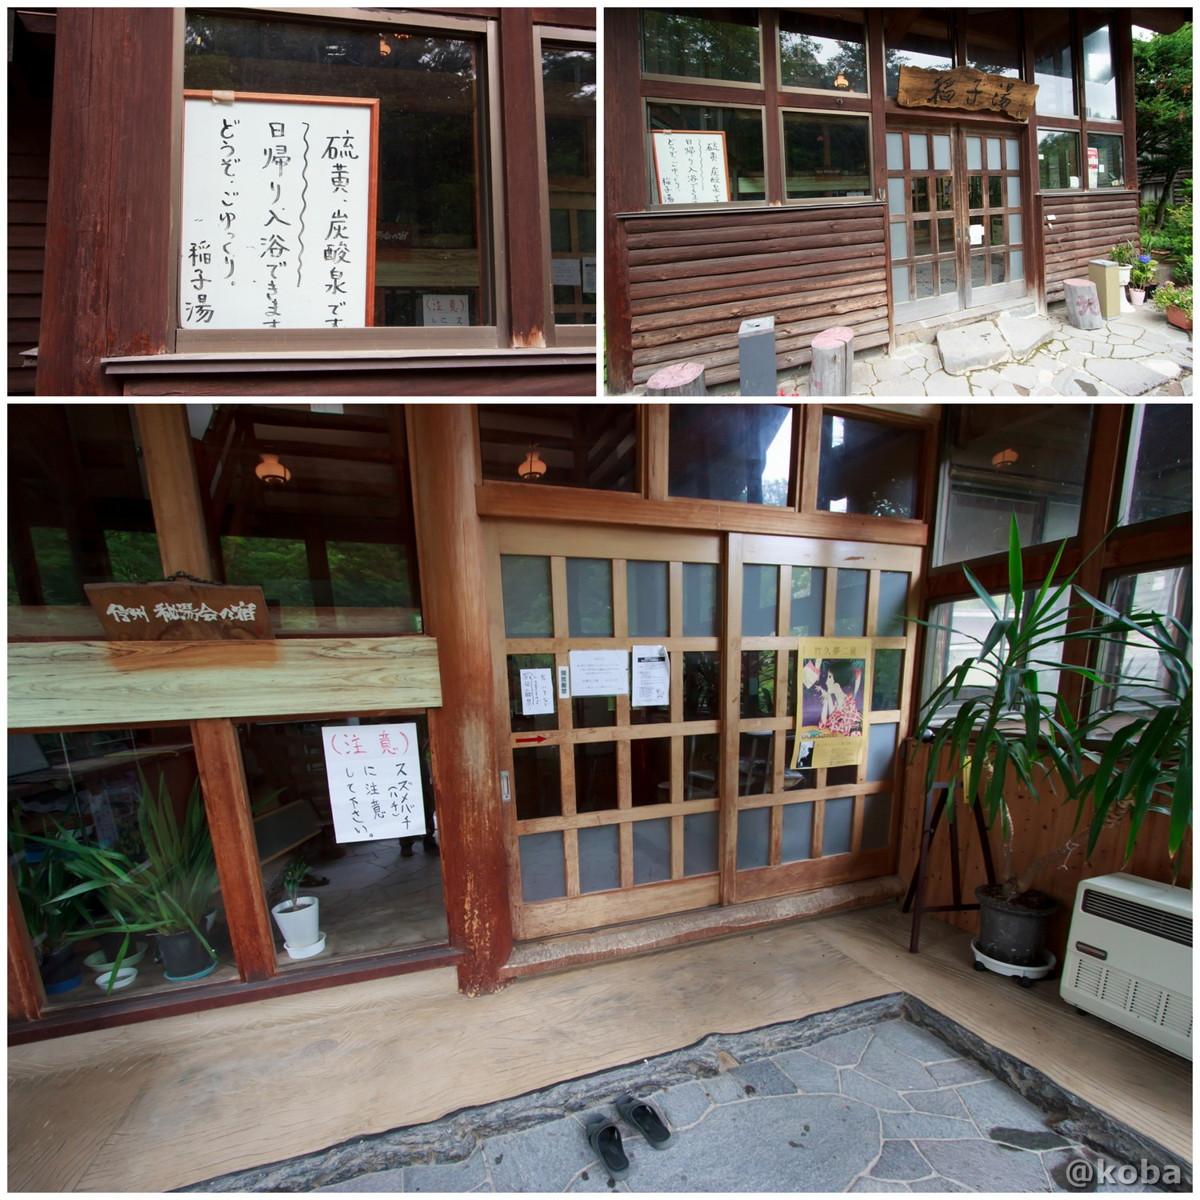 玄関の写真 稲子湯旅館 温泉 いなごゆおんせん 日帰り入浴